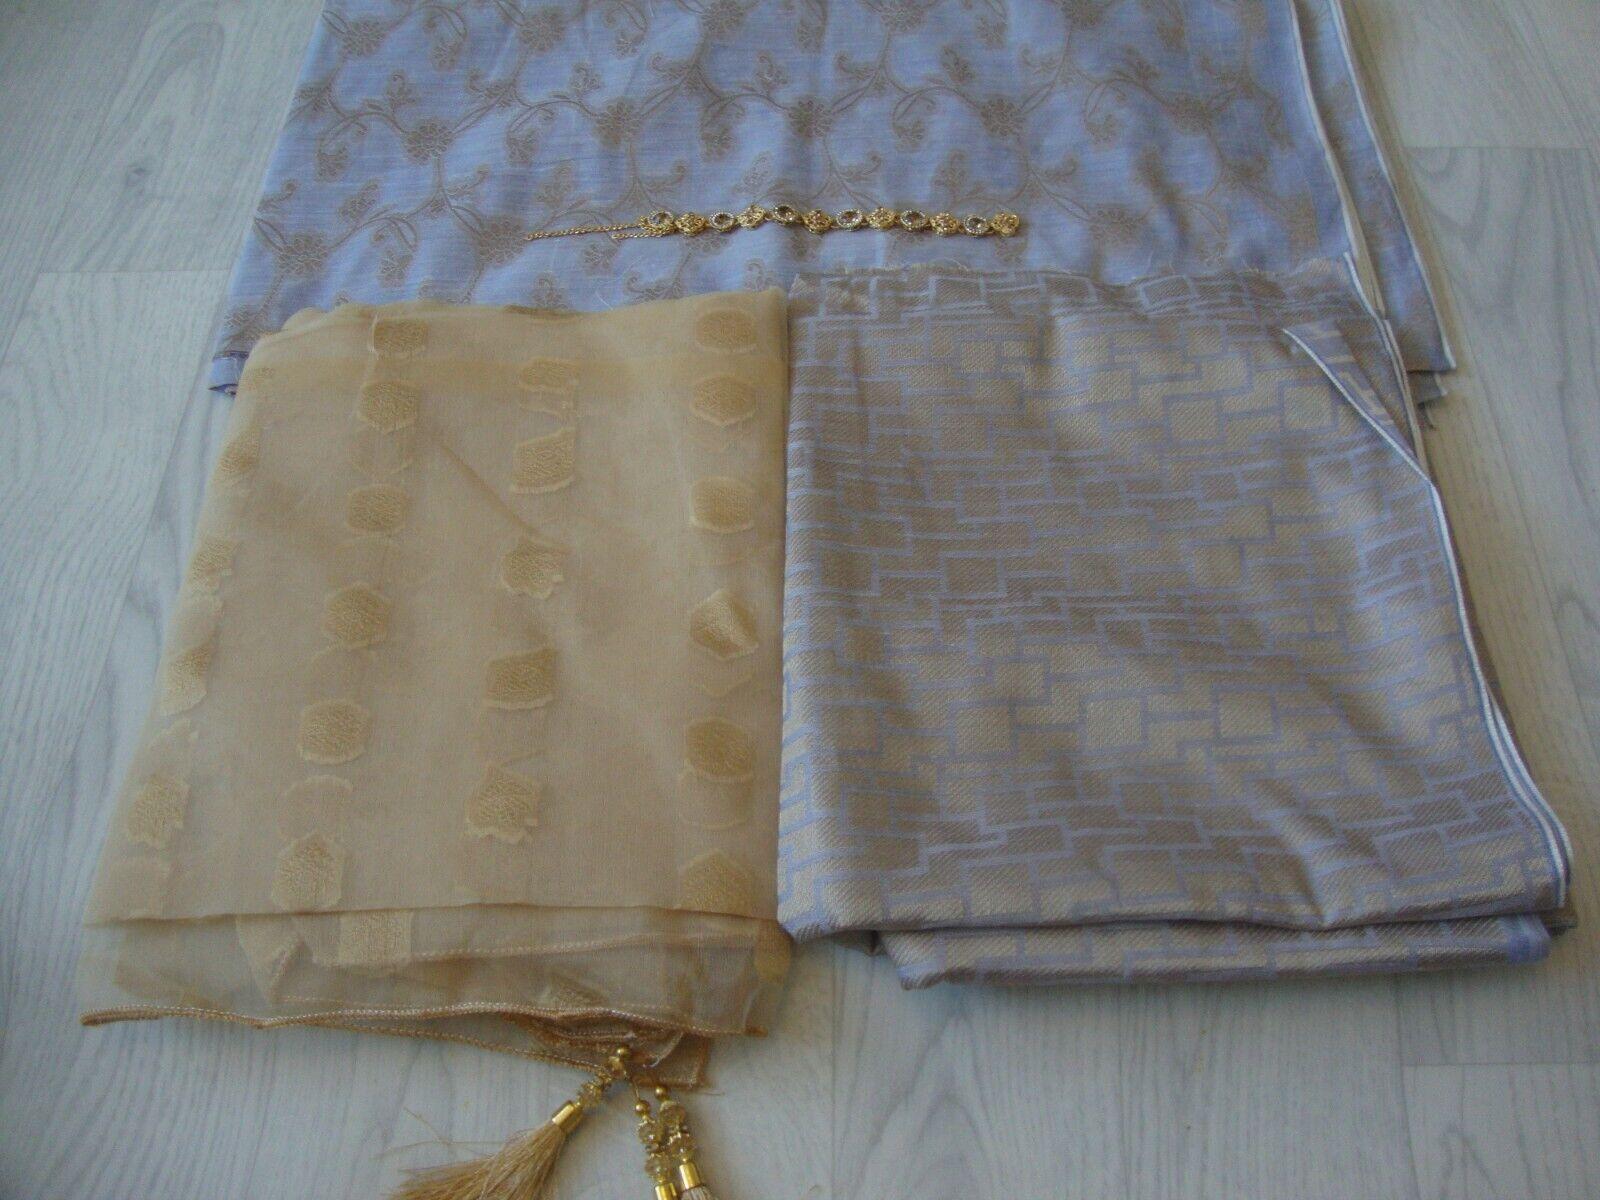 New Jacquard Banarsi Lawn Suit Unstitched Salwar Kameez Pakistani SALE